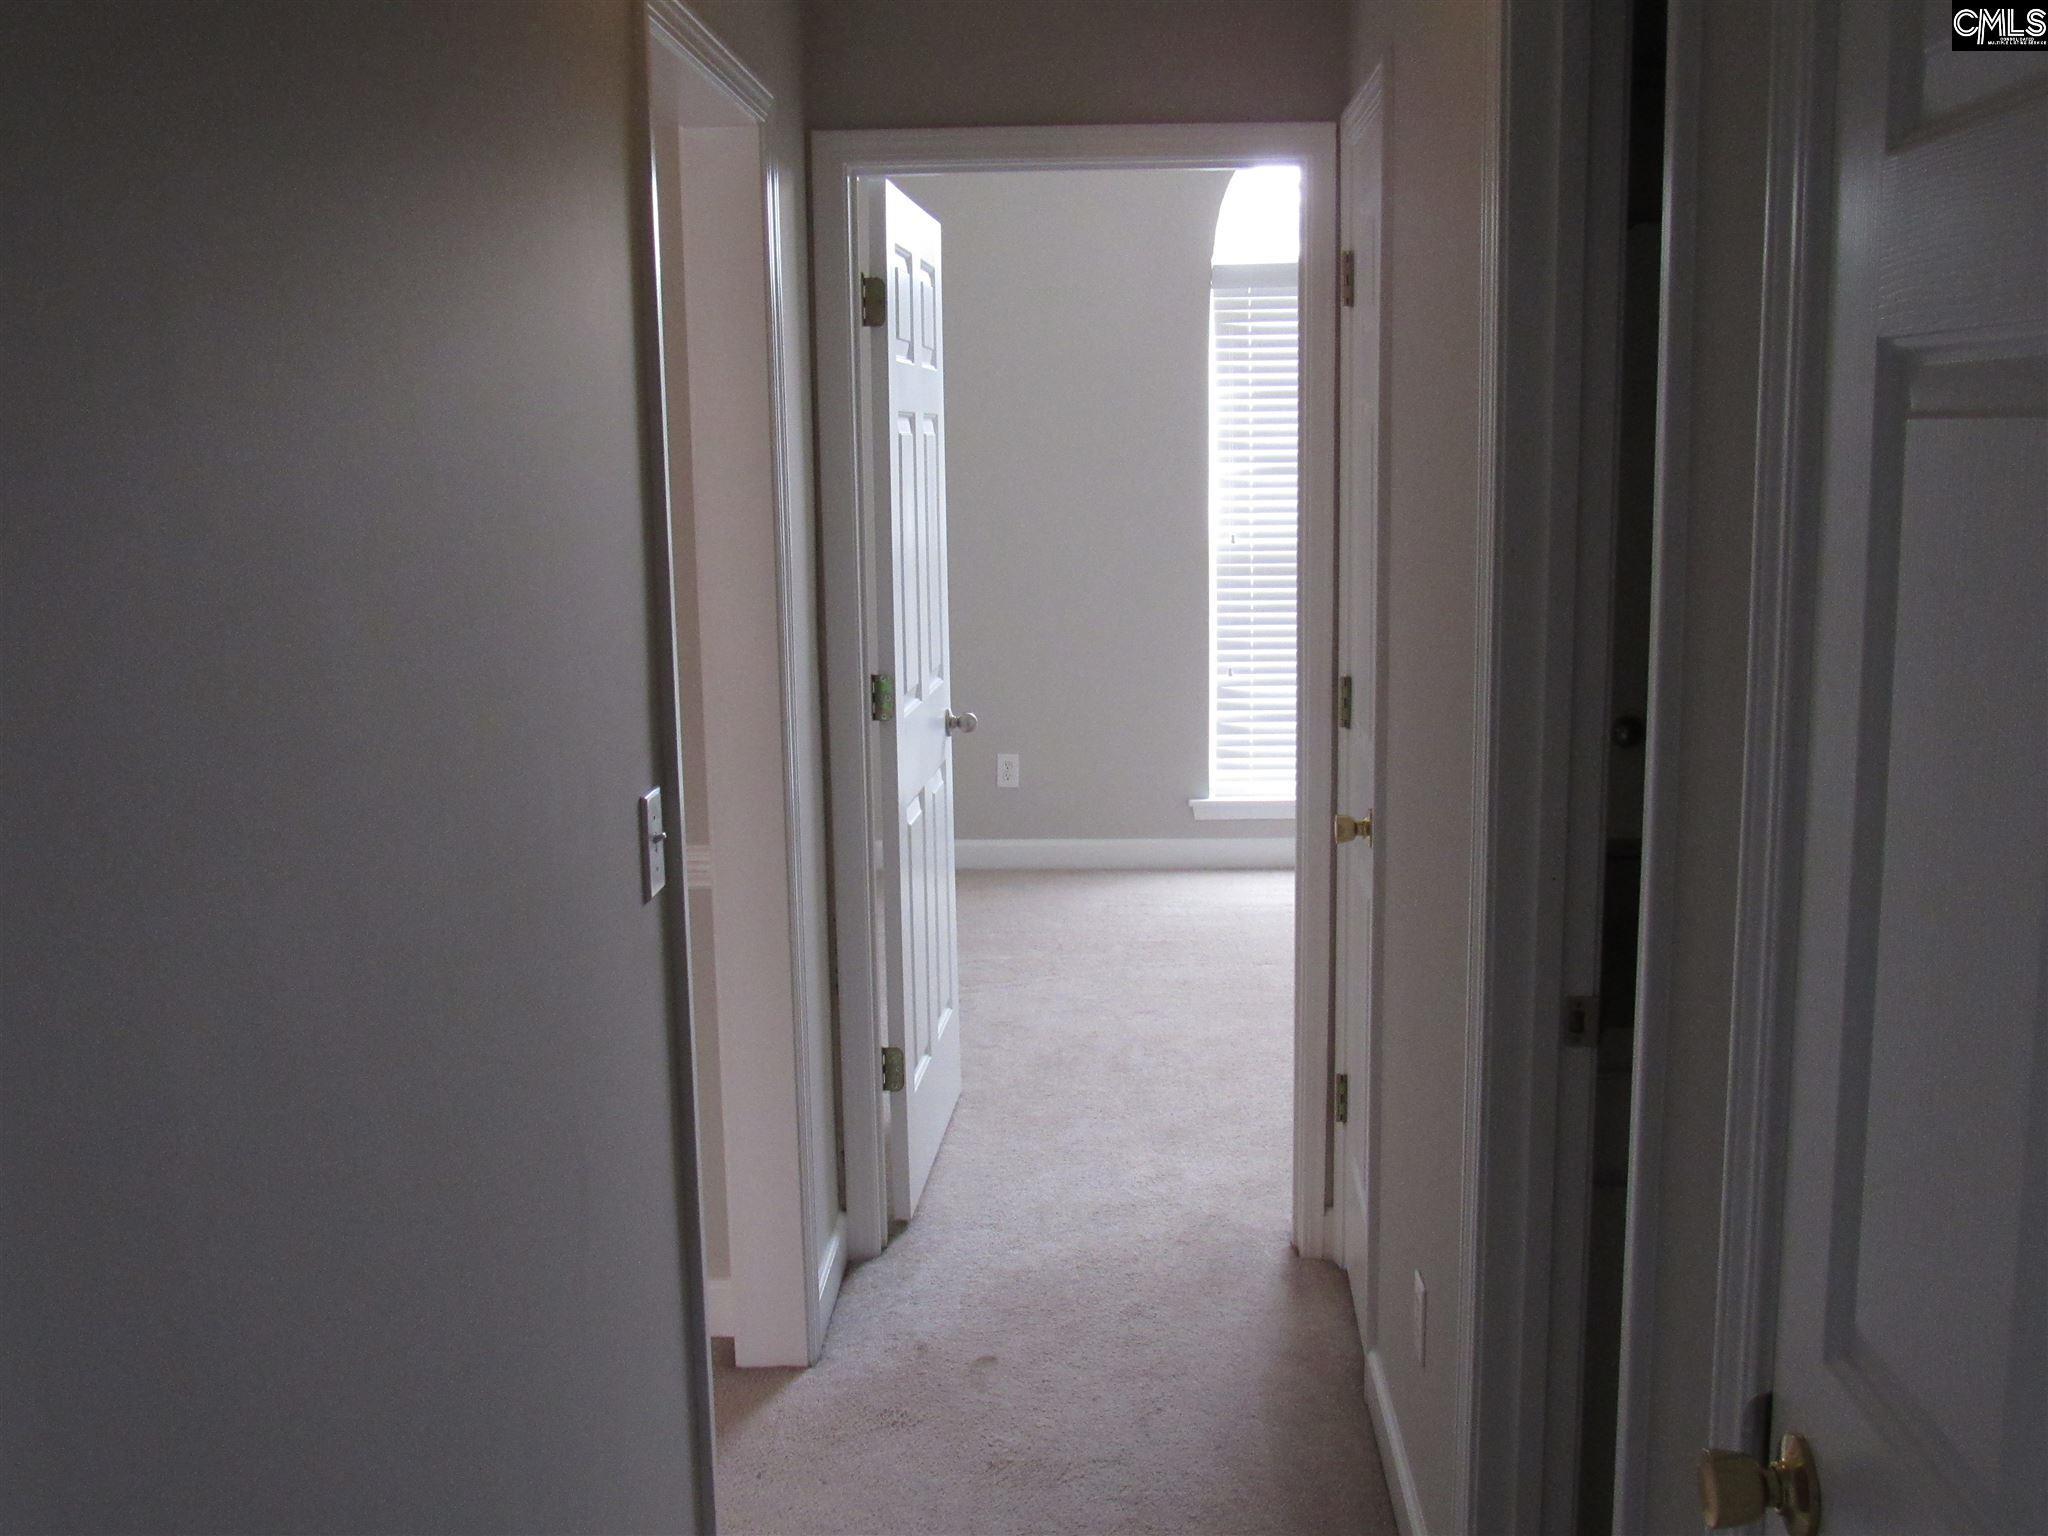 104 Pine Loop Blythewood, SC 29016-8642